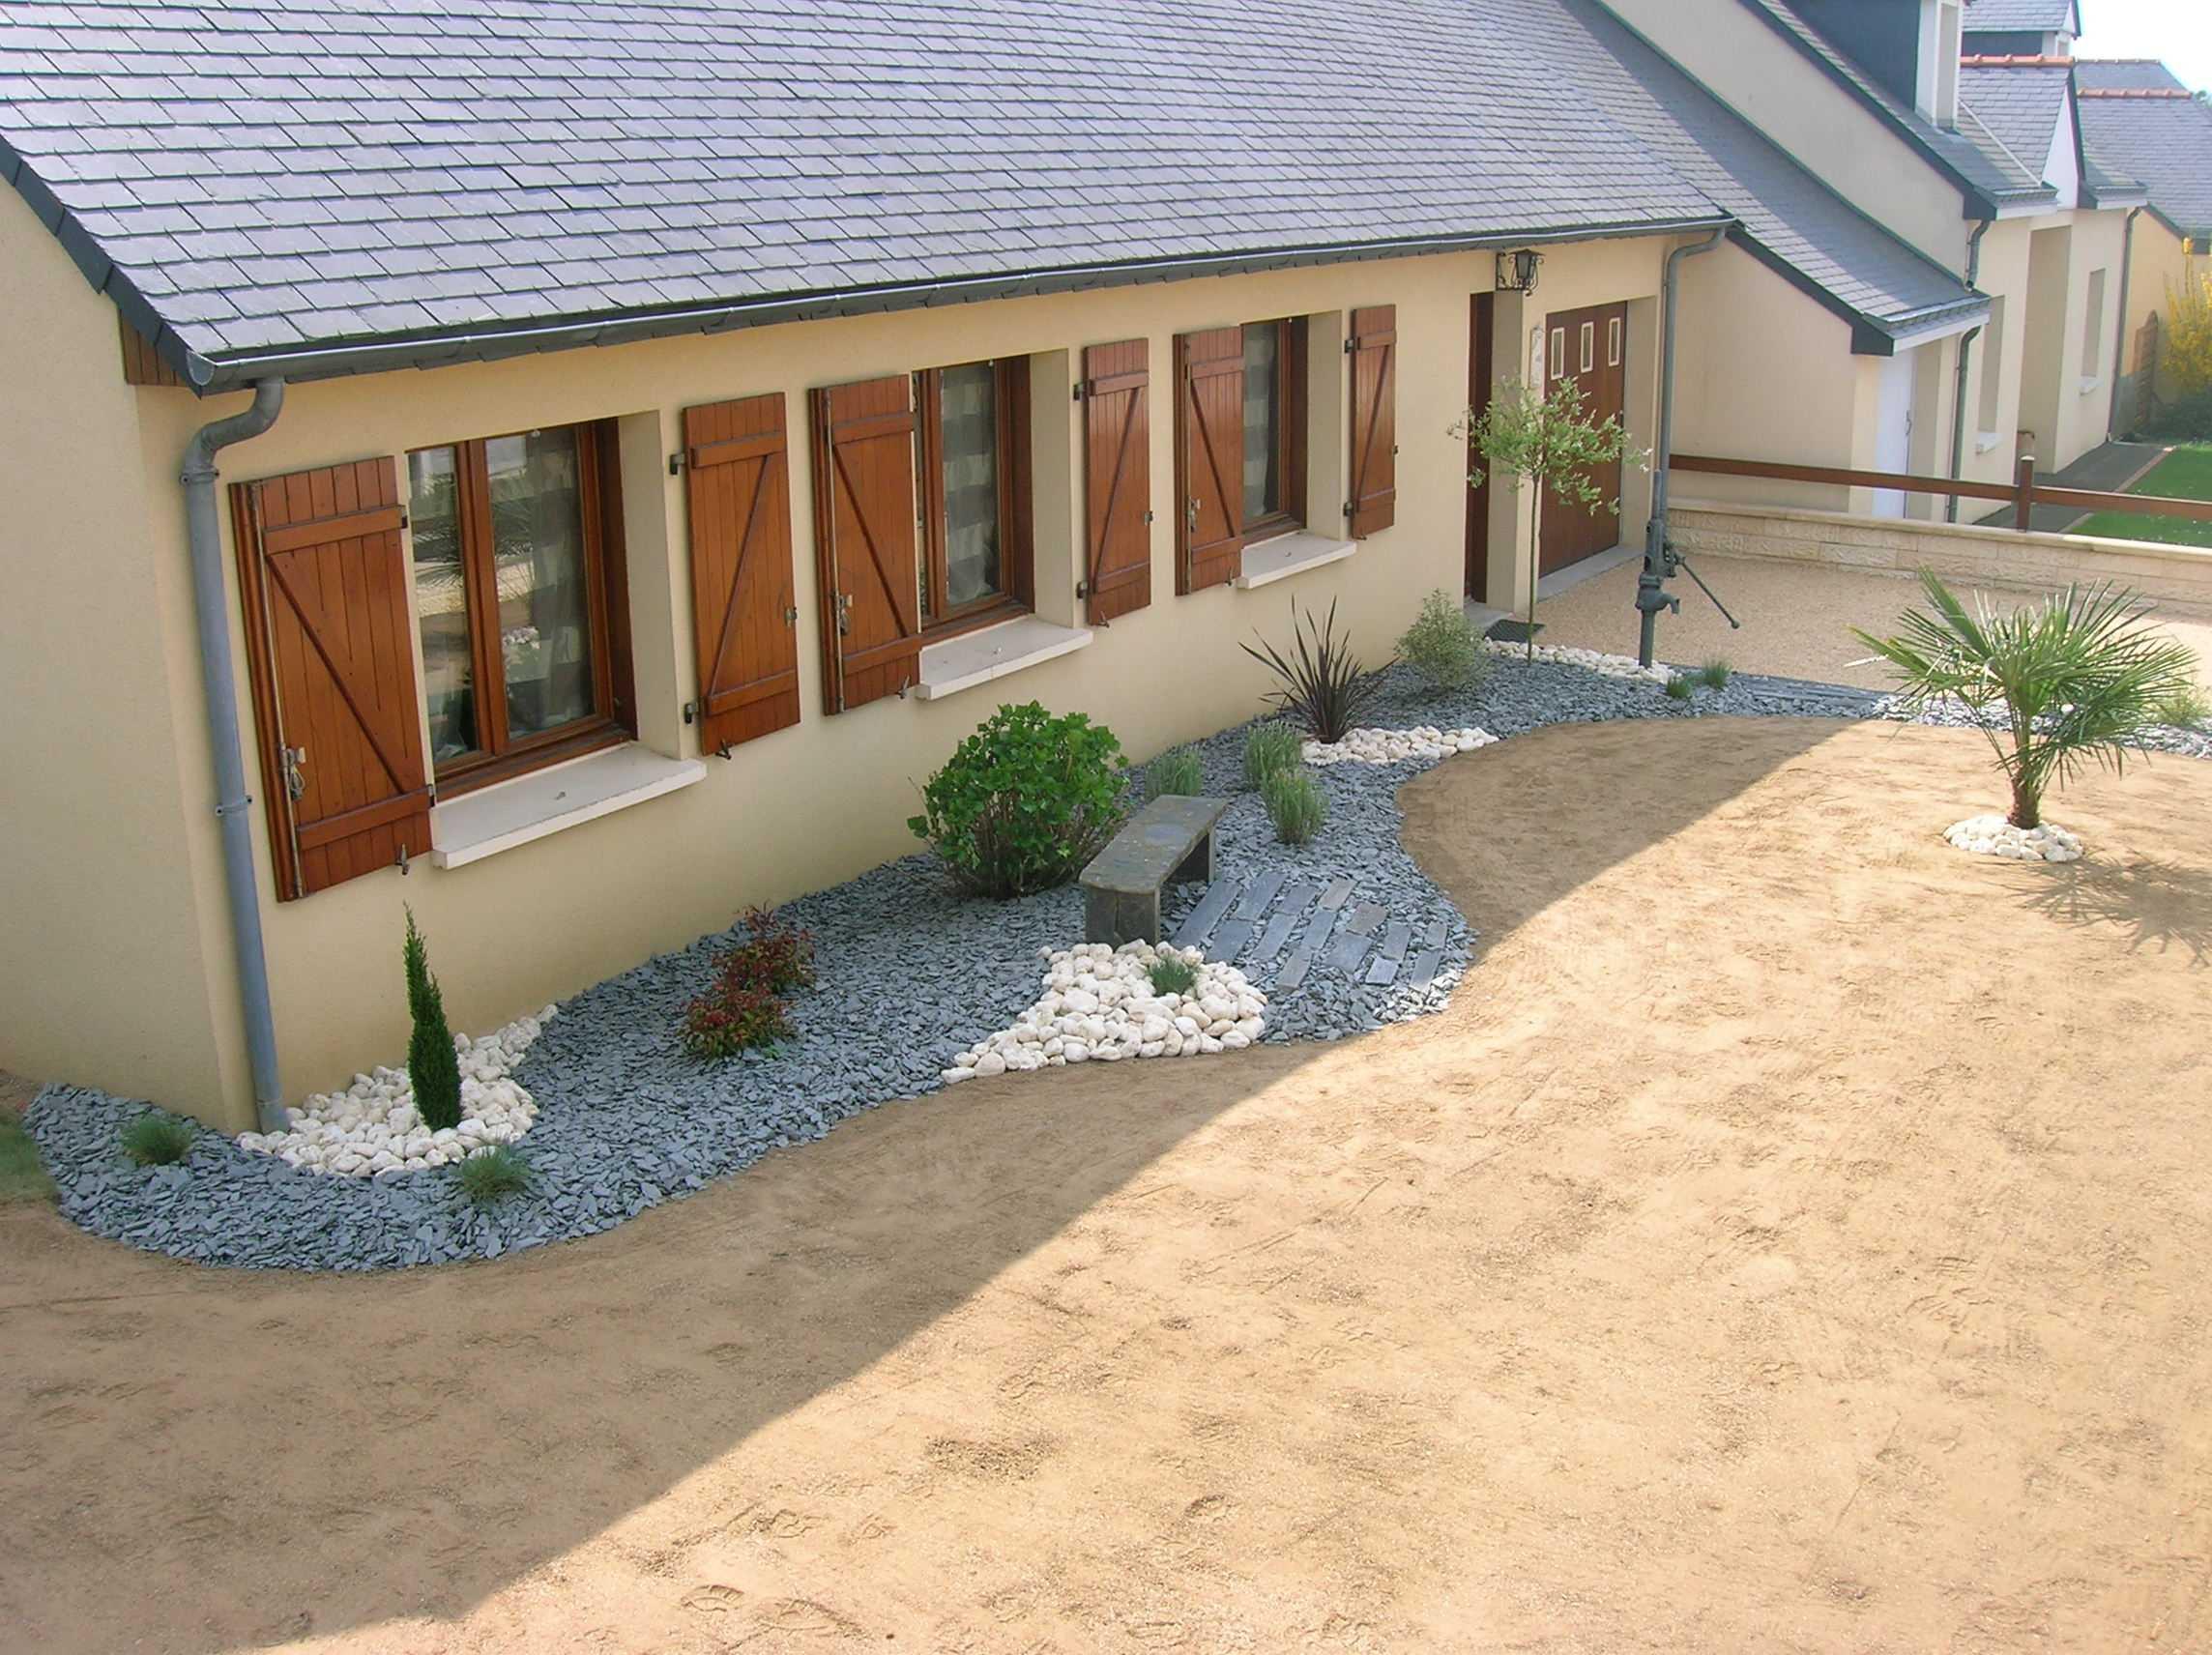 Aménagement Jardin Devant Maison Des Idées - Idees ... à Idée Allée De Jardin